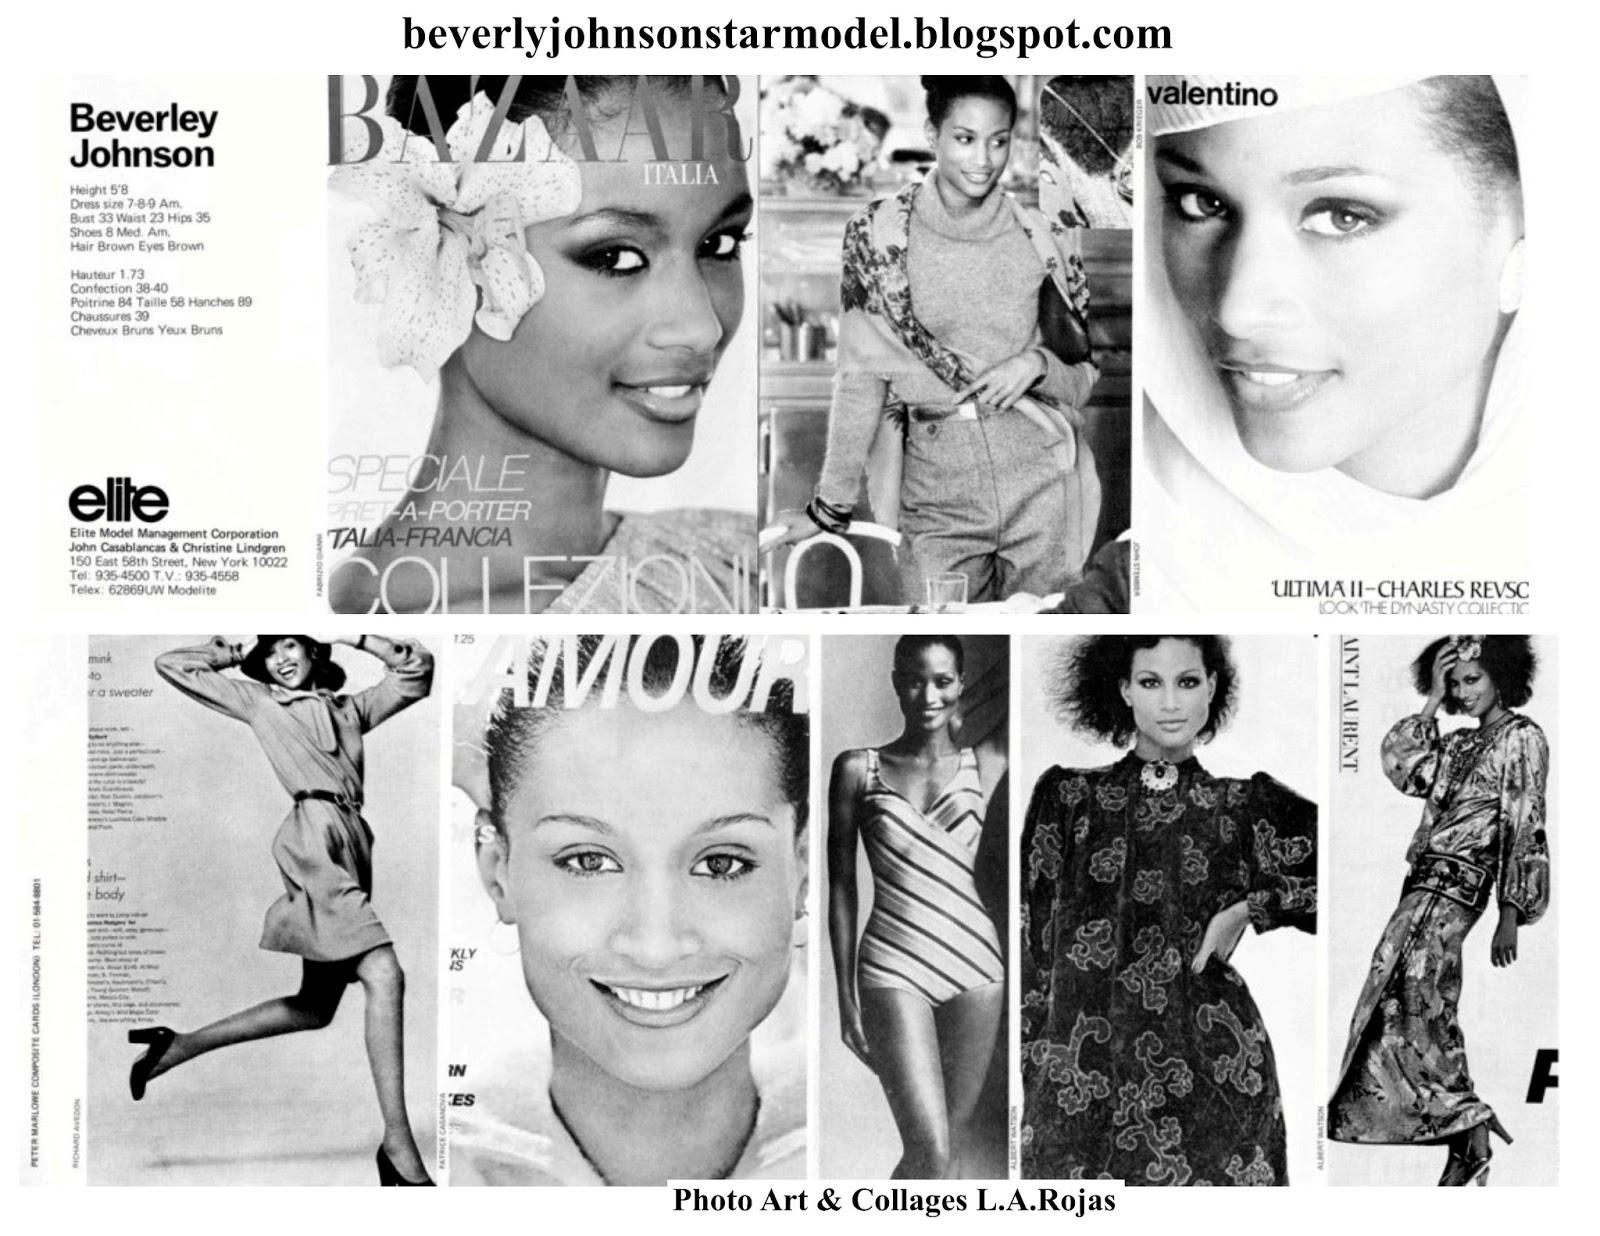 1980's Beverly Johnson Model Agency Cards | Beverly Johnson Star Model